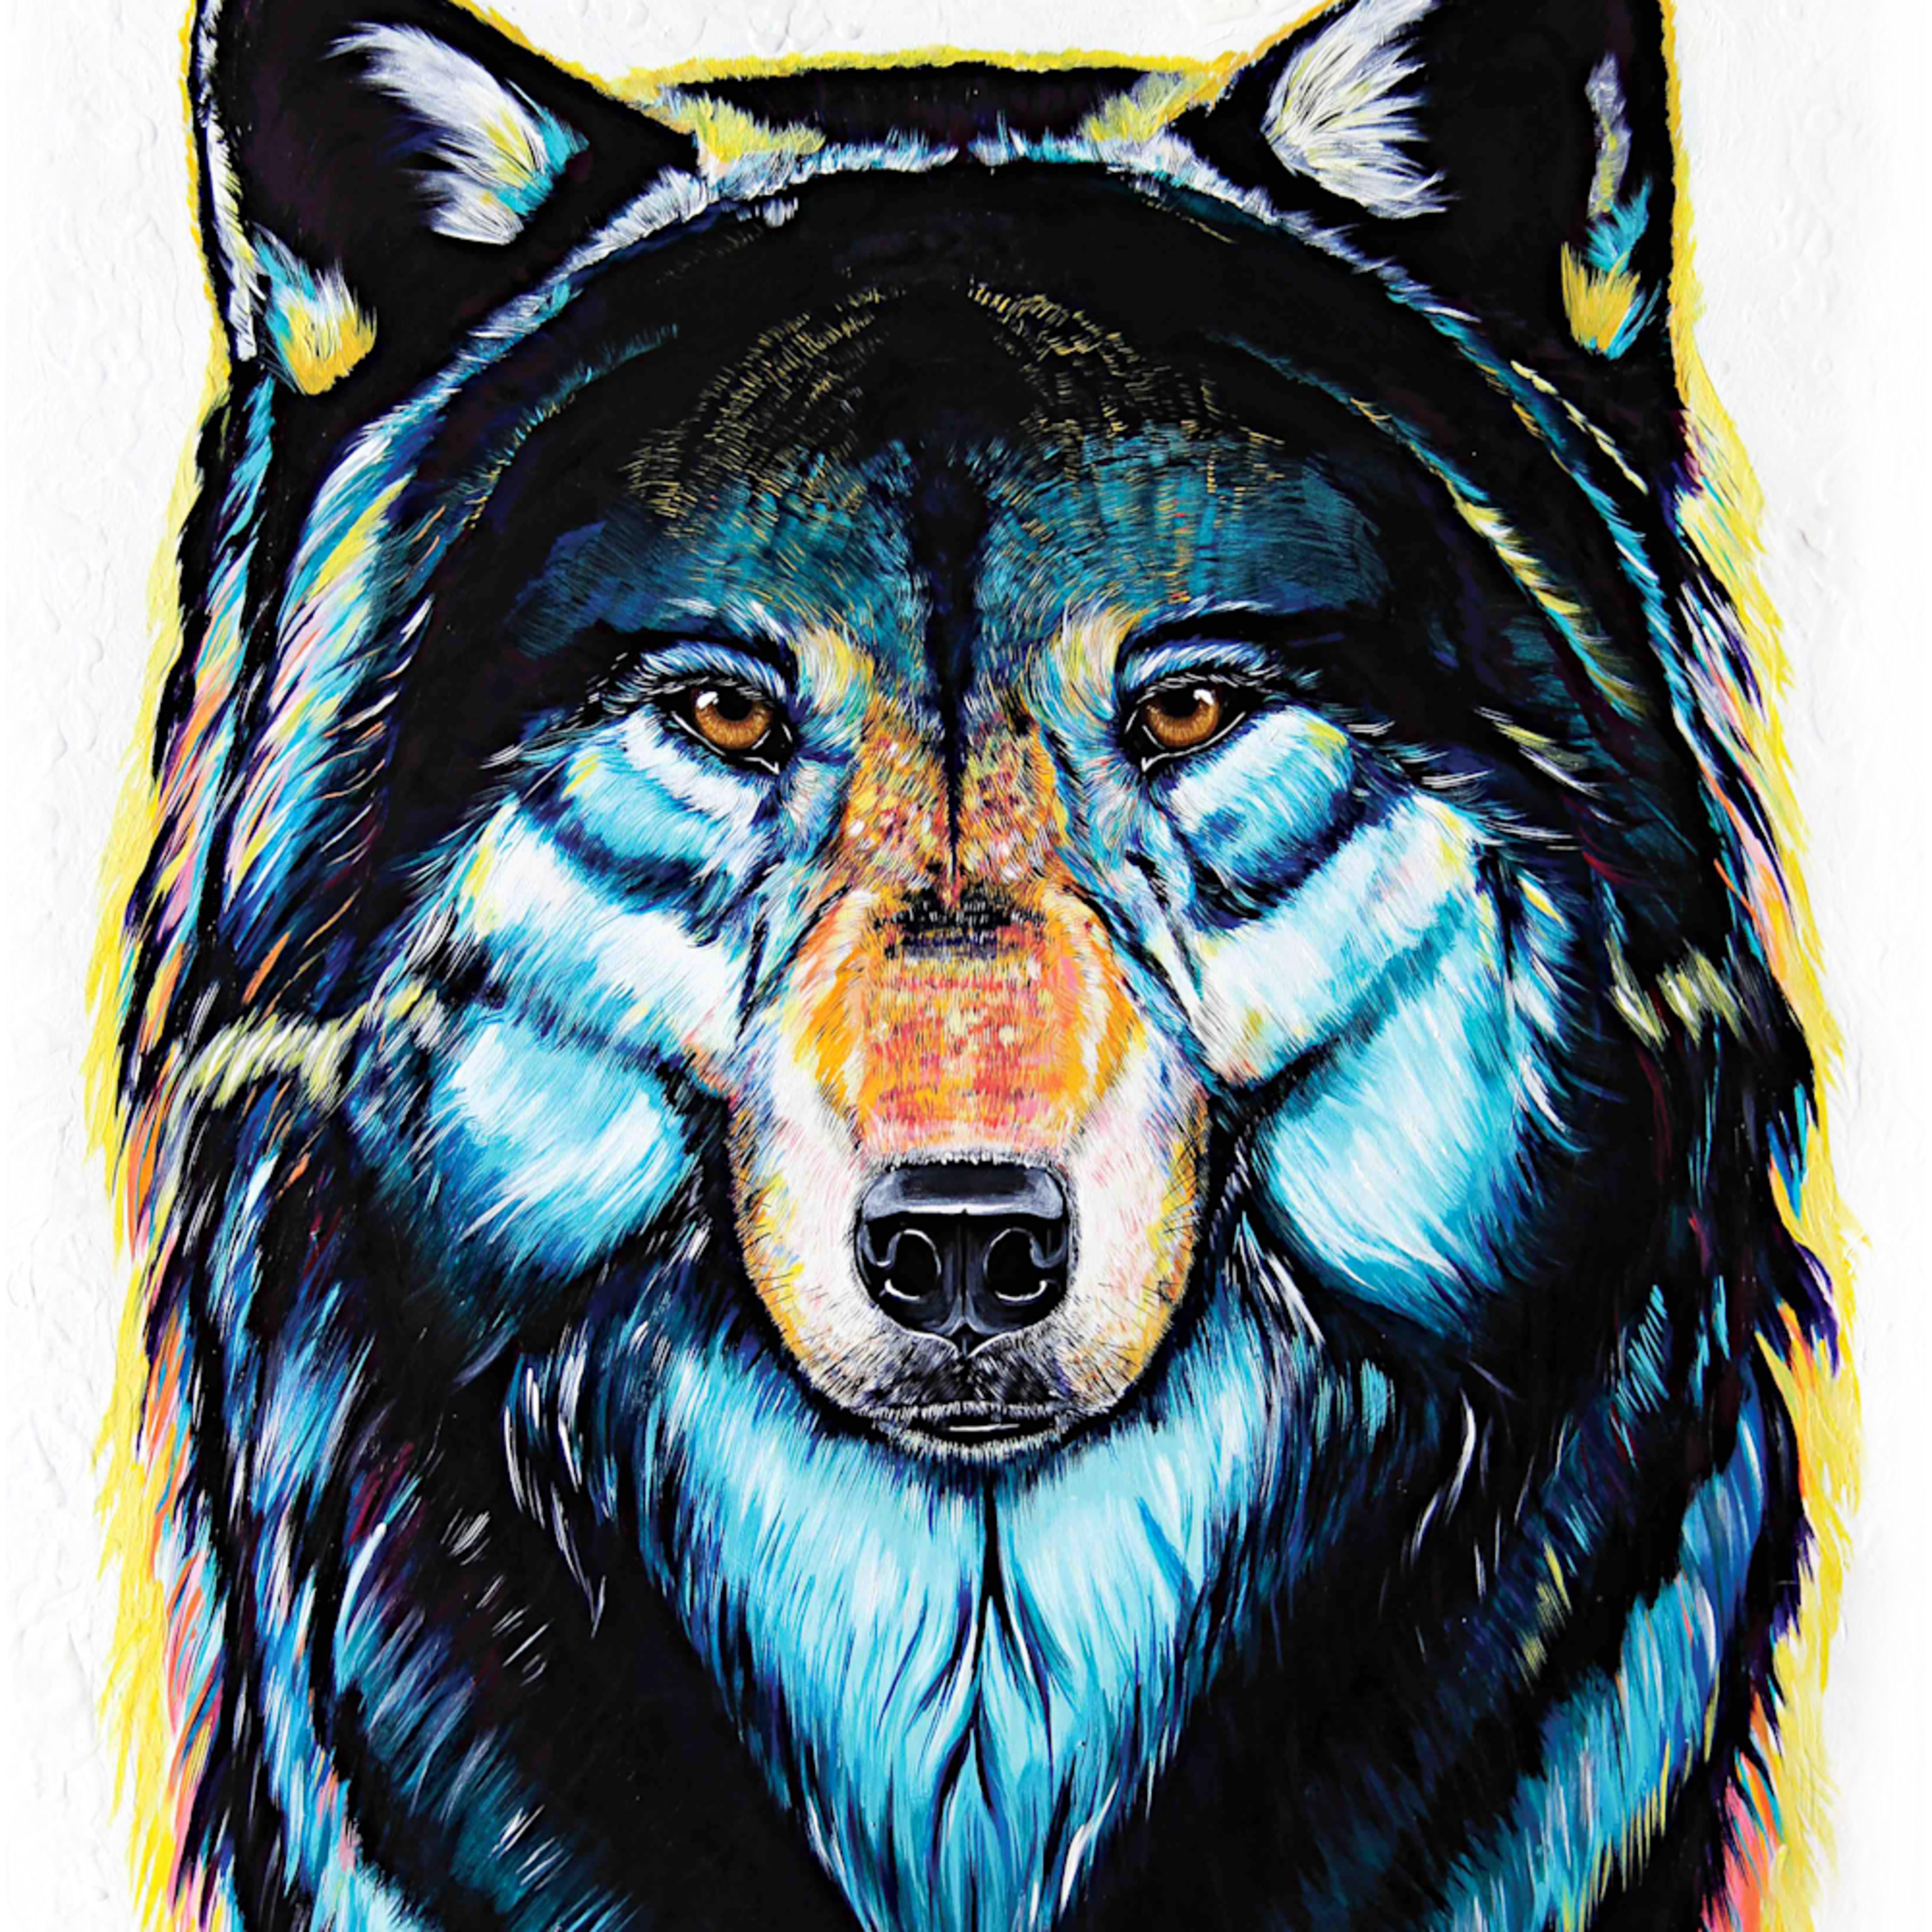 Wolf ajmcbf